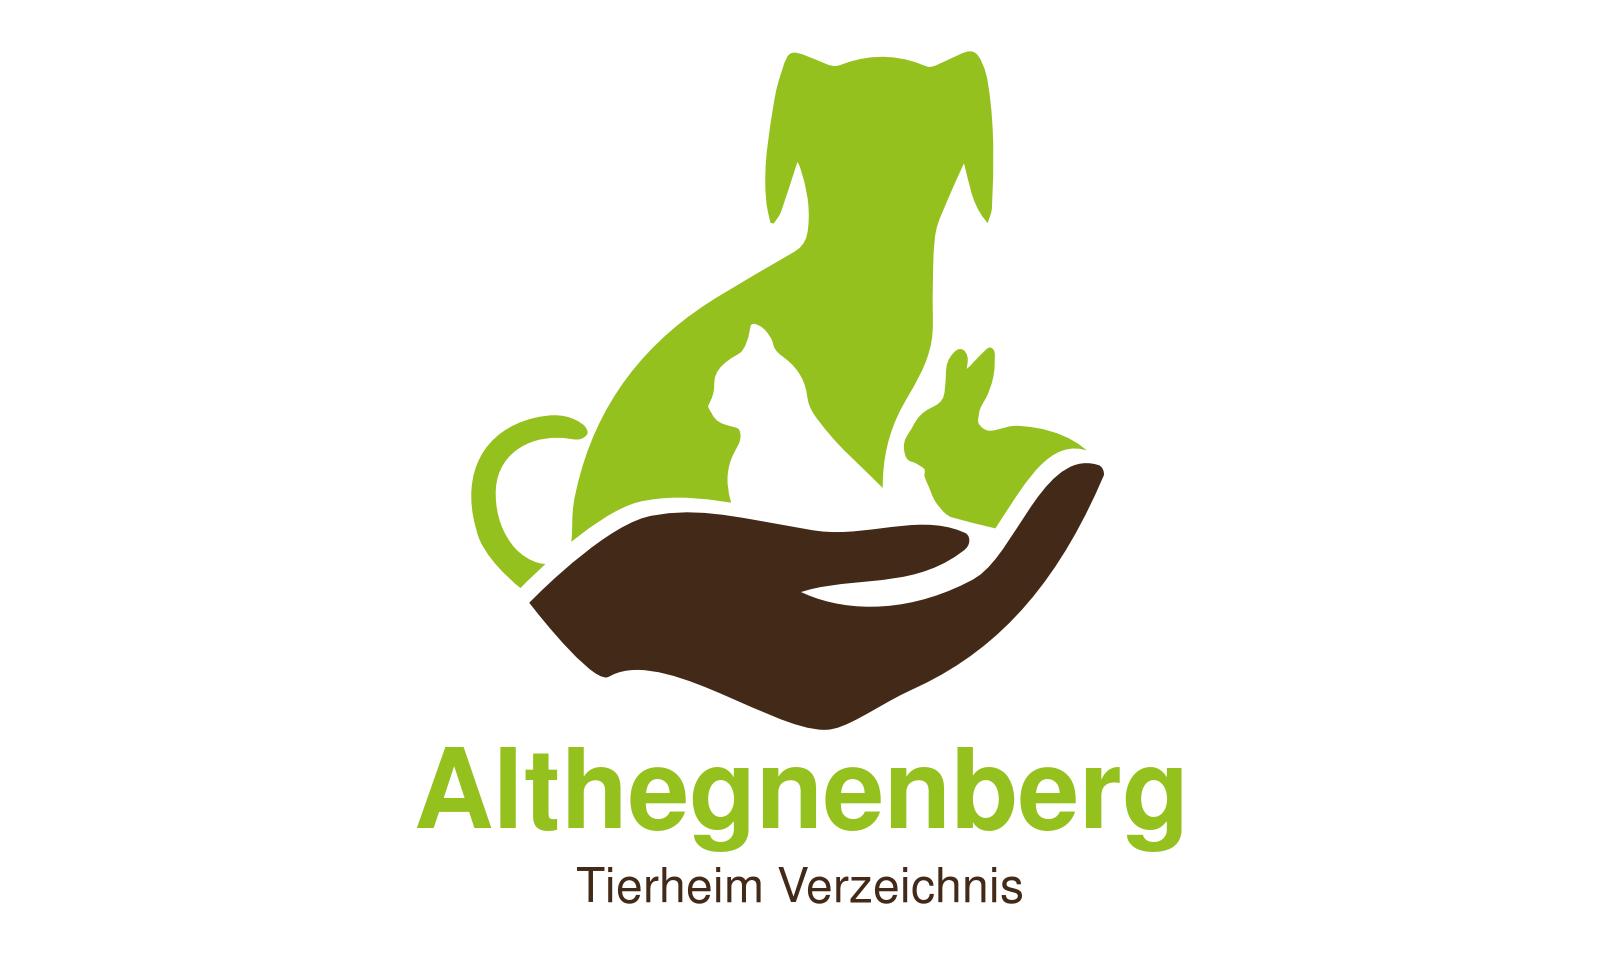 Tierheim Althegnenberg